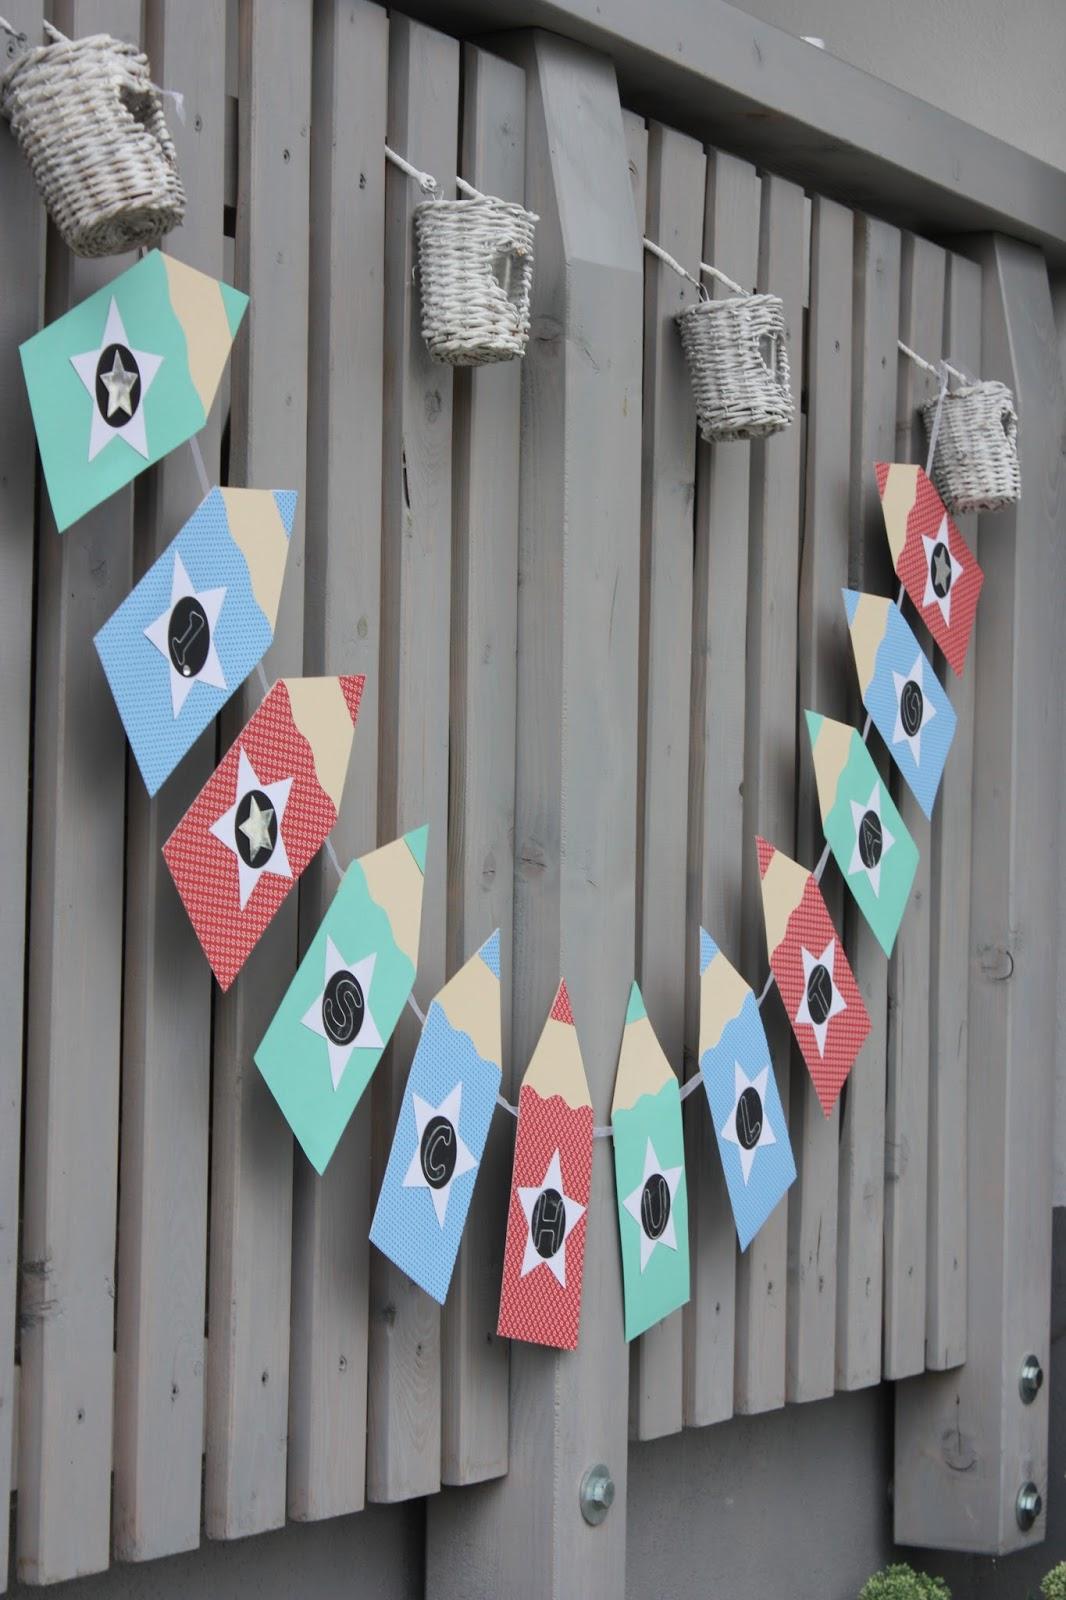 Polly kreativ 1 schultag - Einschulung deko basteln ...